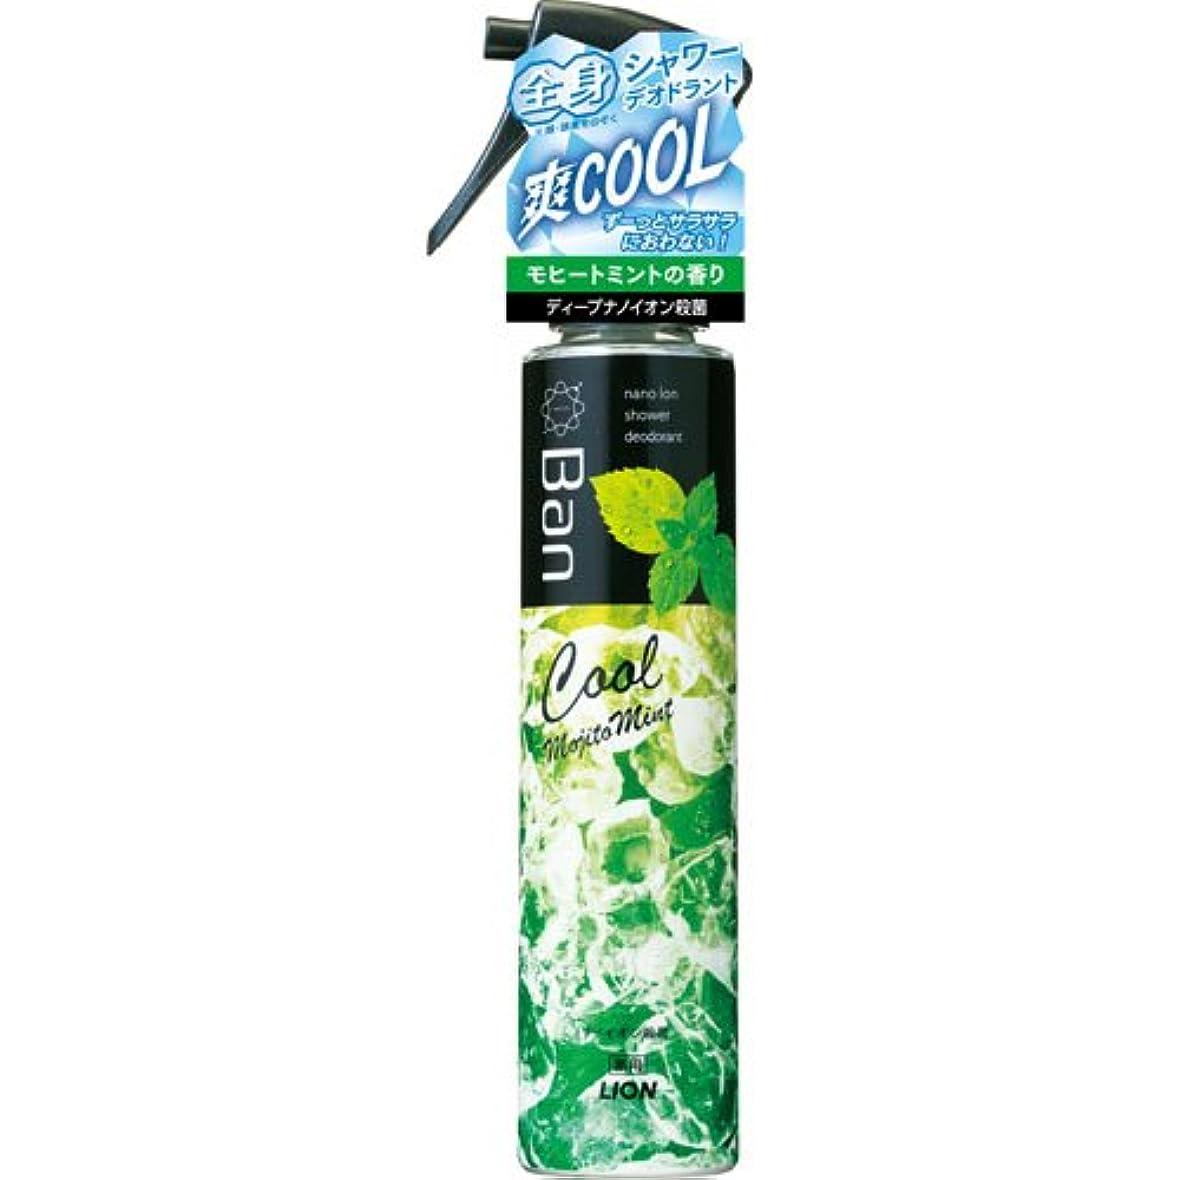 励起不完全な財団Ban シャワーデオドラントクールタイプ モヒートミントの香り 120ml (医薬部外品)